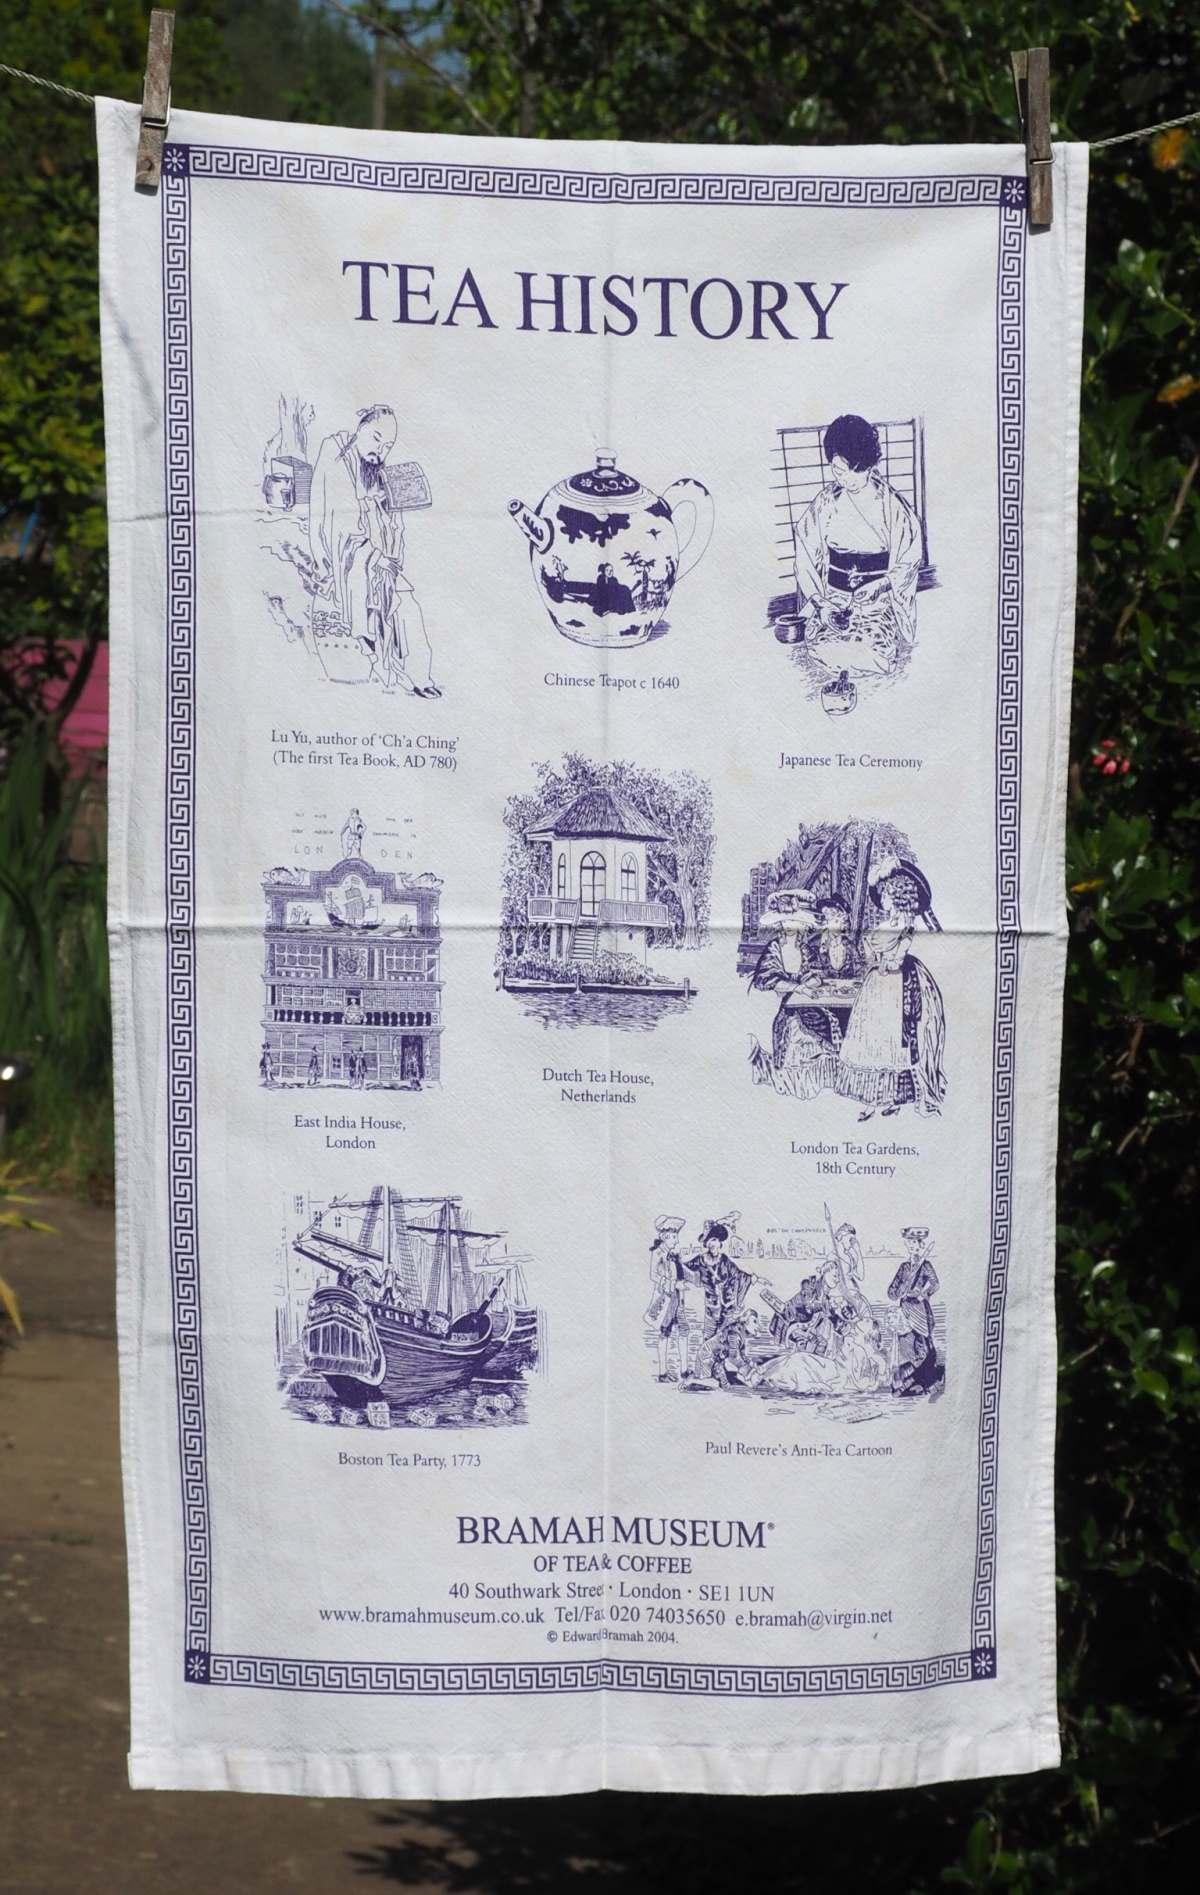 Μουσείο τσαγιού & καφέ, Λονδίνο, η ιστορία του τσαγιού σε εικόνα